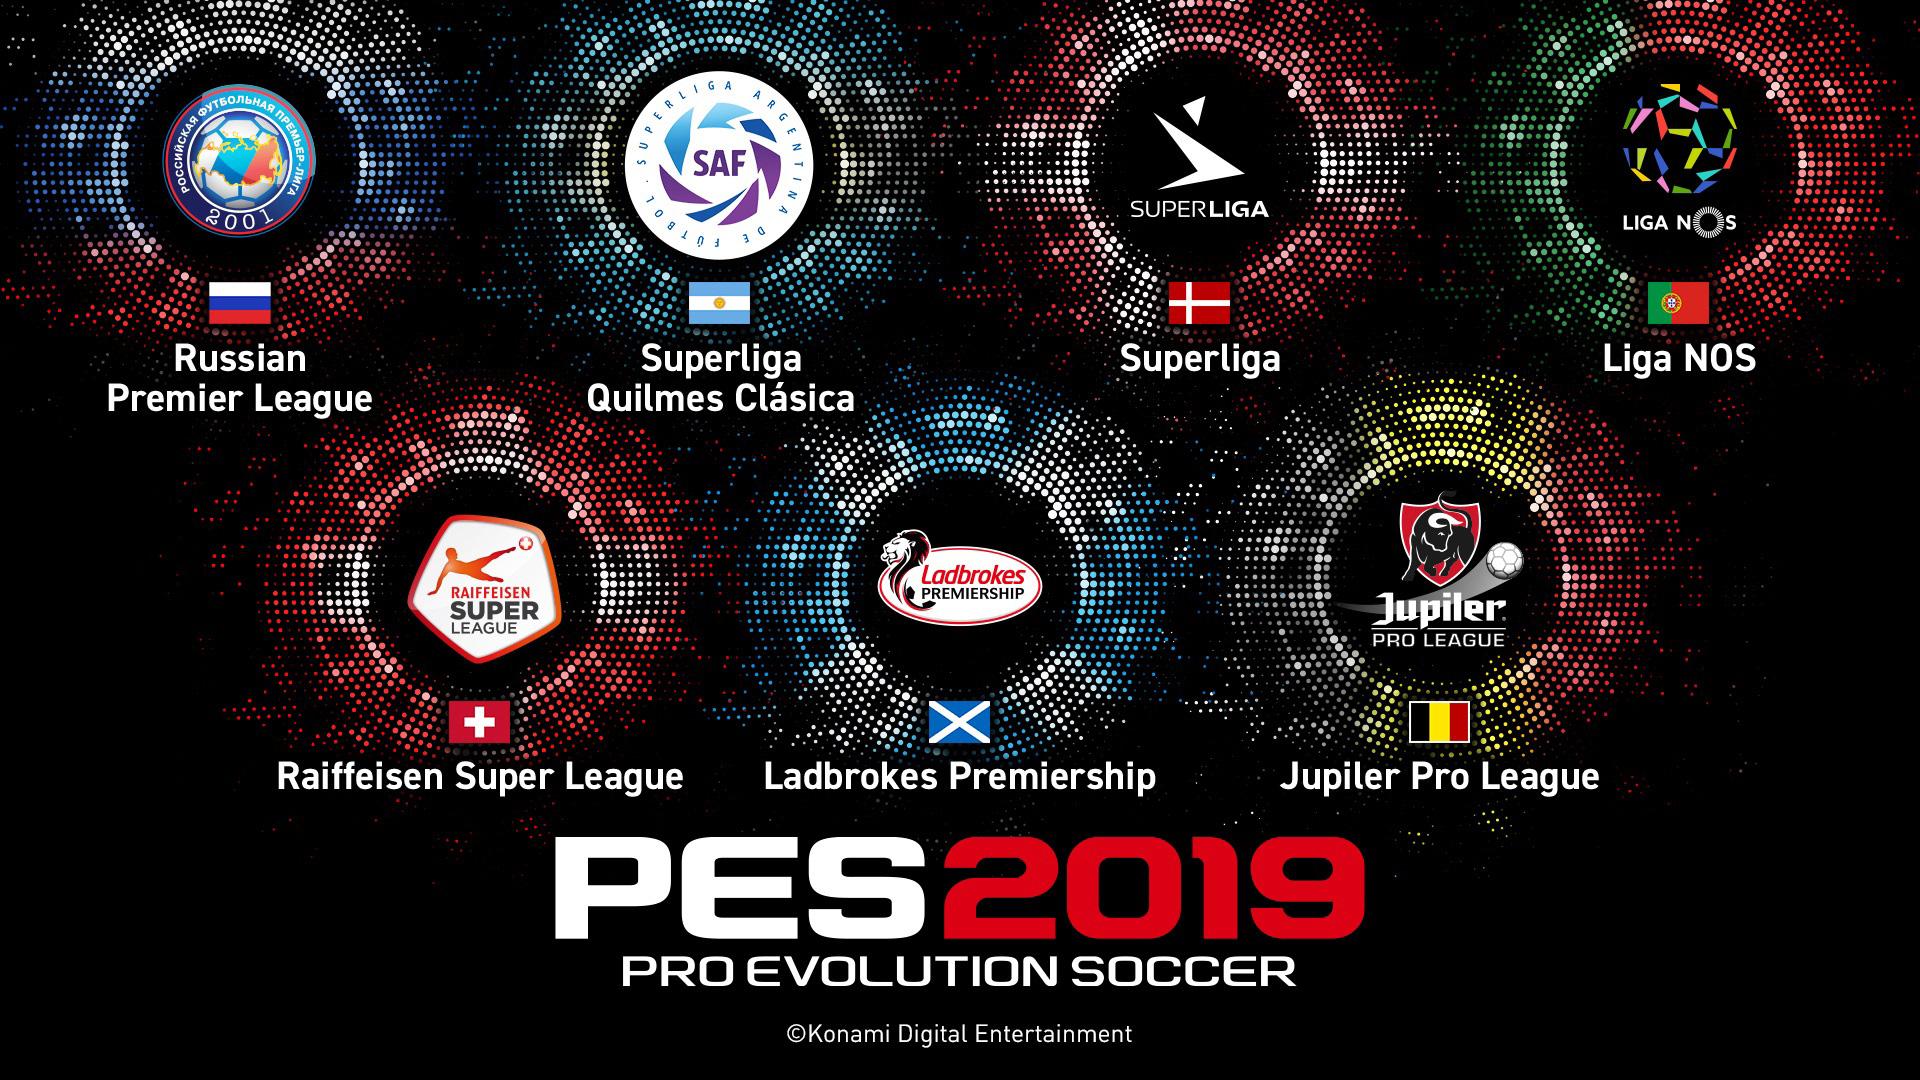 http://www.idgtv.es/archivos/201805/pes-2019-nuevas-ligas-licenciadas.jpg